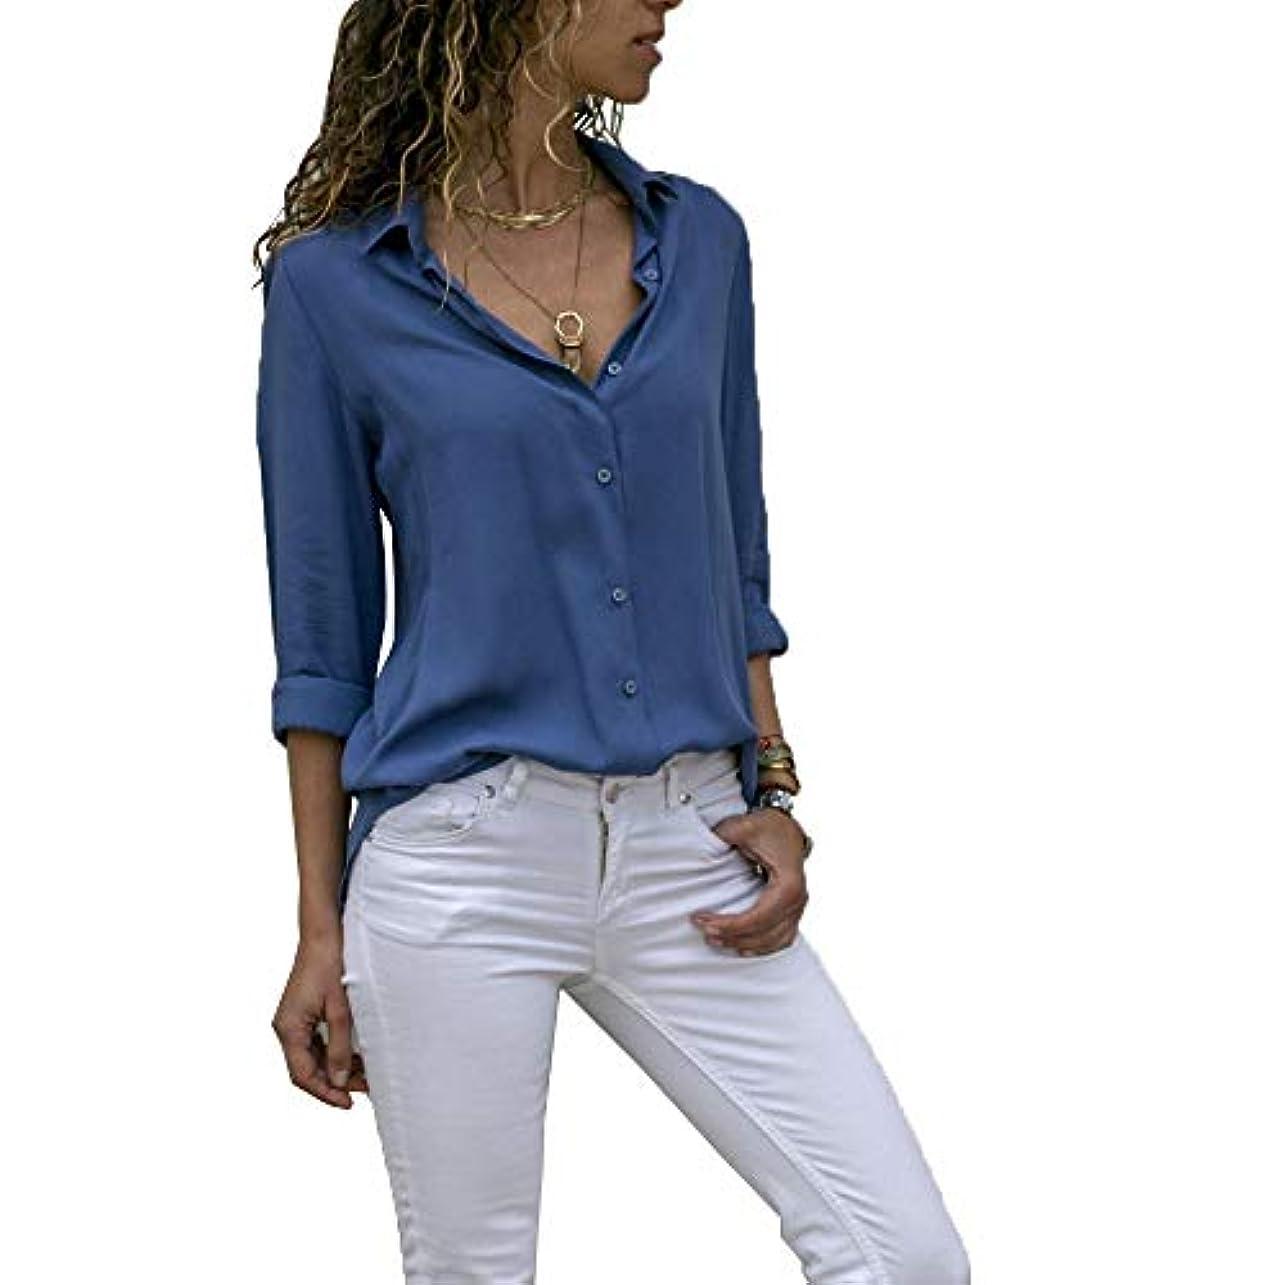 汚す建築家政治MIFAN ルーズシャツ、トップス&Tシャツ、プラスサイズ、トップス&ブラウス、シフォンブラウス、女性トップス、シフォンシャツ